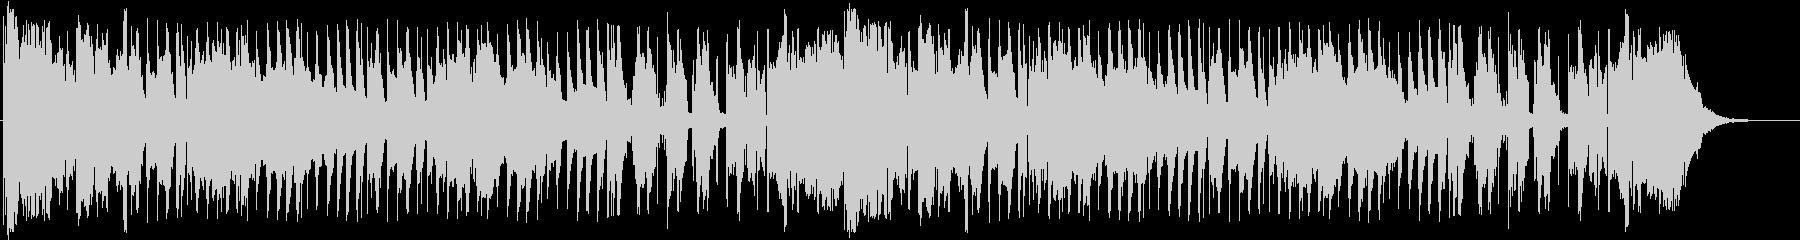 三拍子のリズムに陽気なアコーディオンの未再生の波形